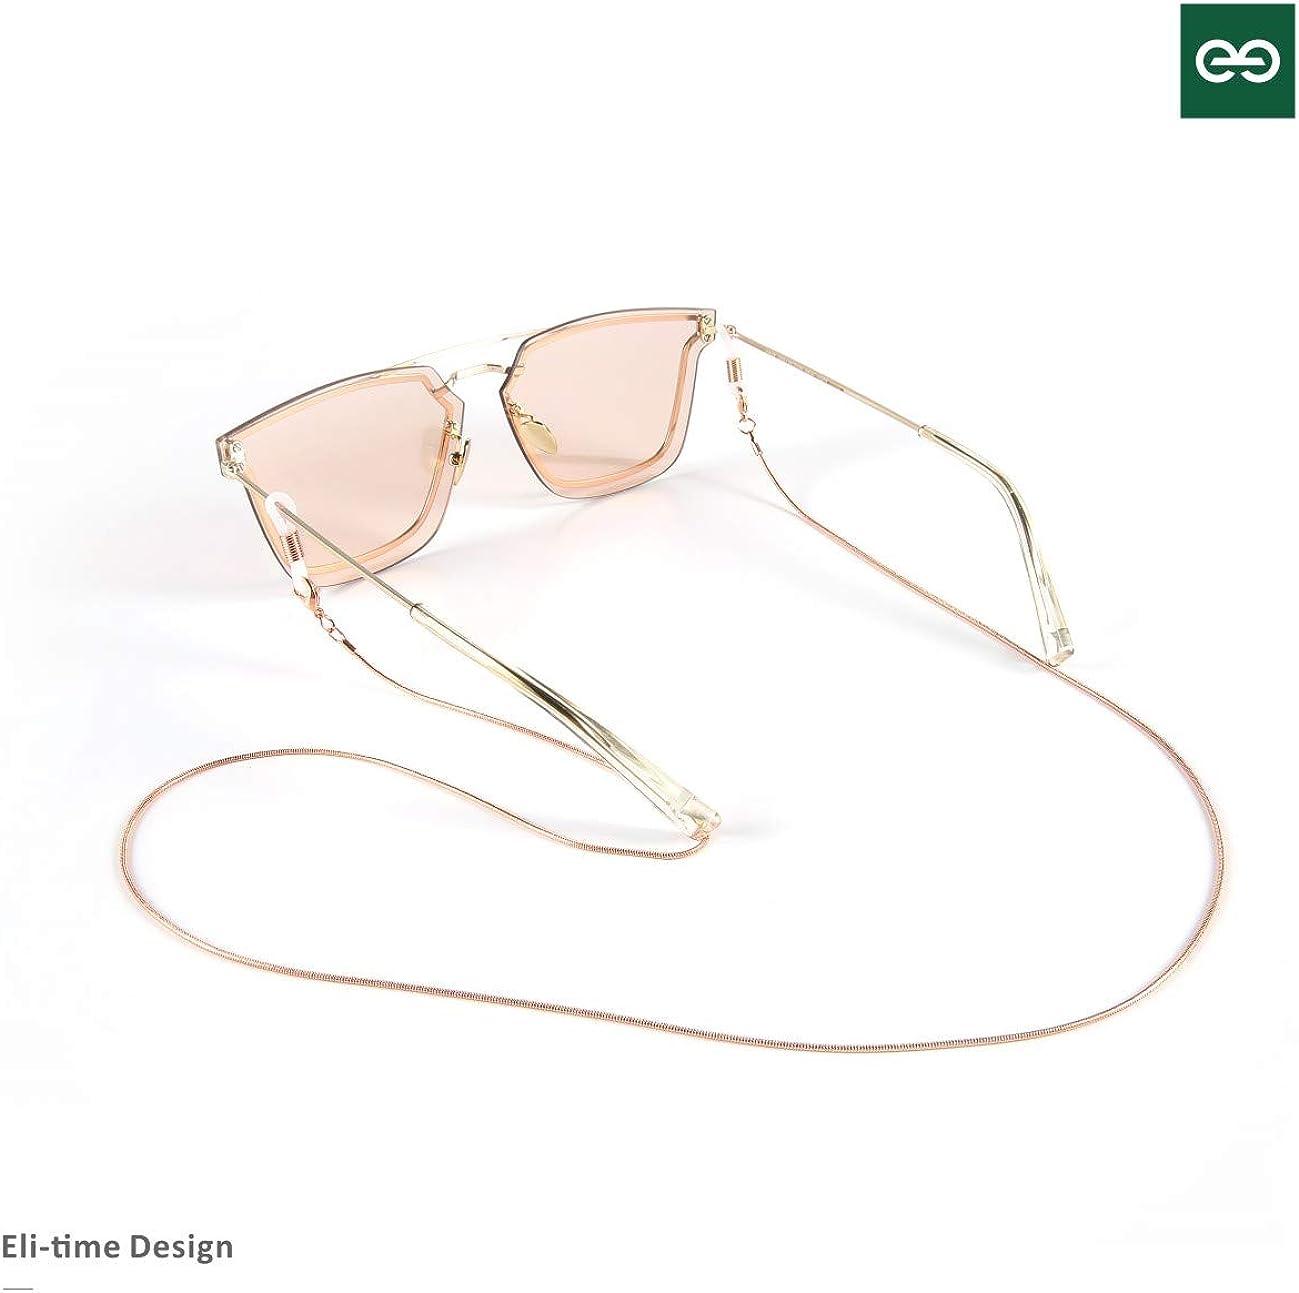 Eli-time Brillenkette f/ür Frauen//Damen Metall schnur Sonnenbrillenketten//Brillenhalter f/ür Lesebrillen//Halskette//Armband in verschiedenen Farben